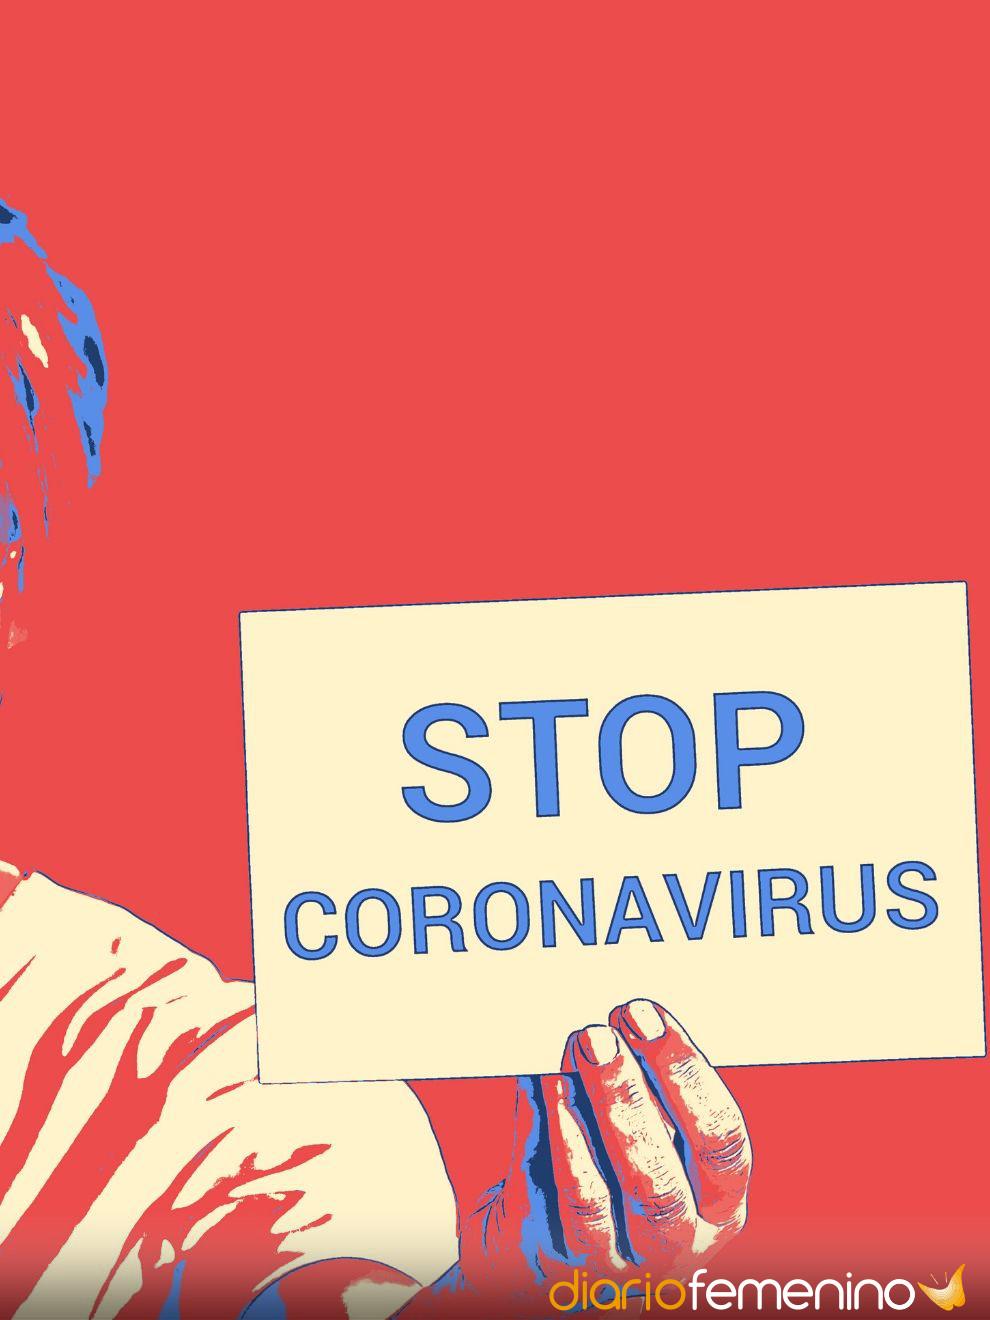 27 Frases De ánimo Para Afrontar El Coronavirus Mensajes De Esperanza